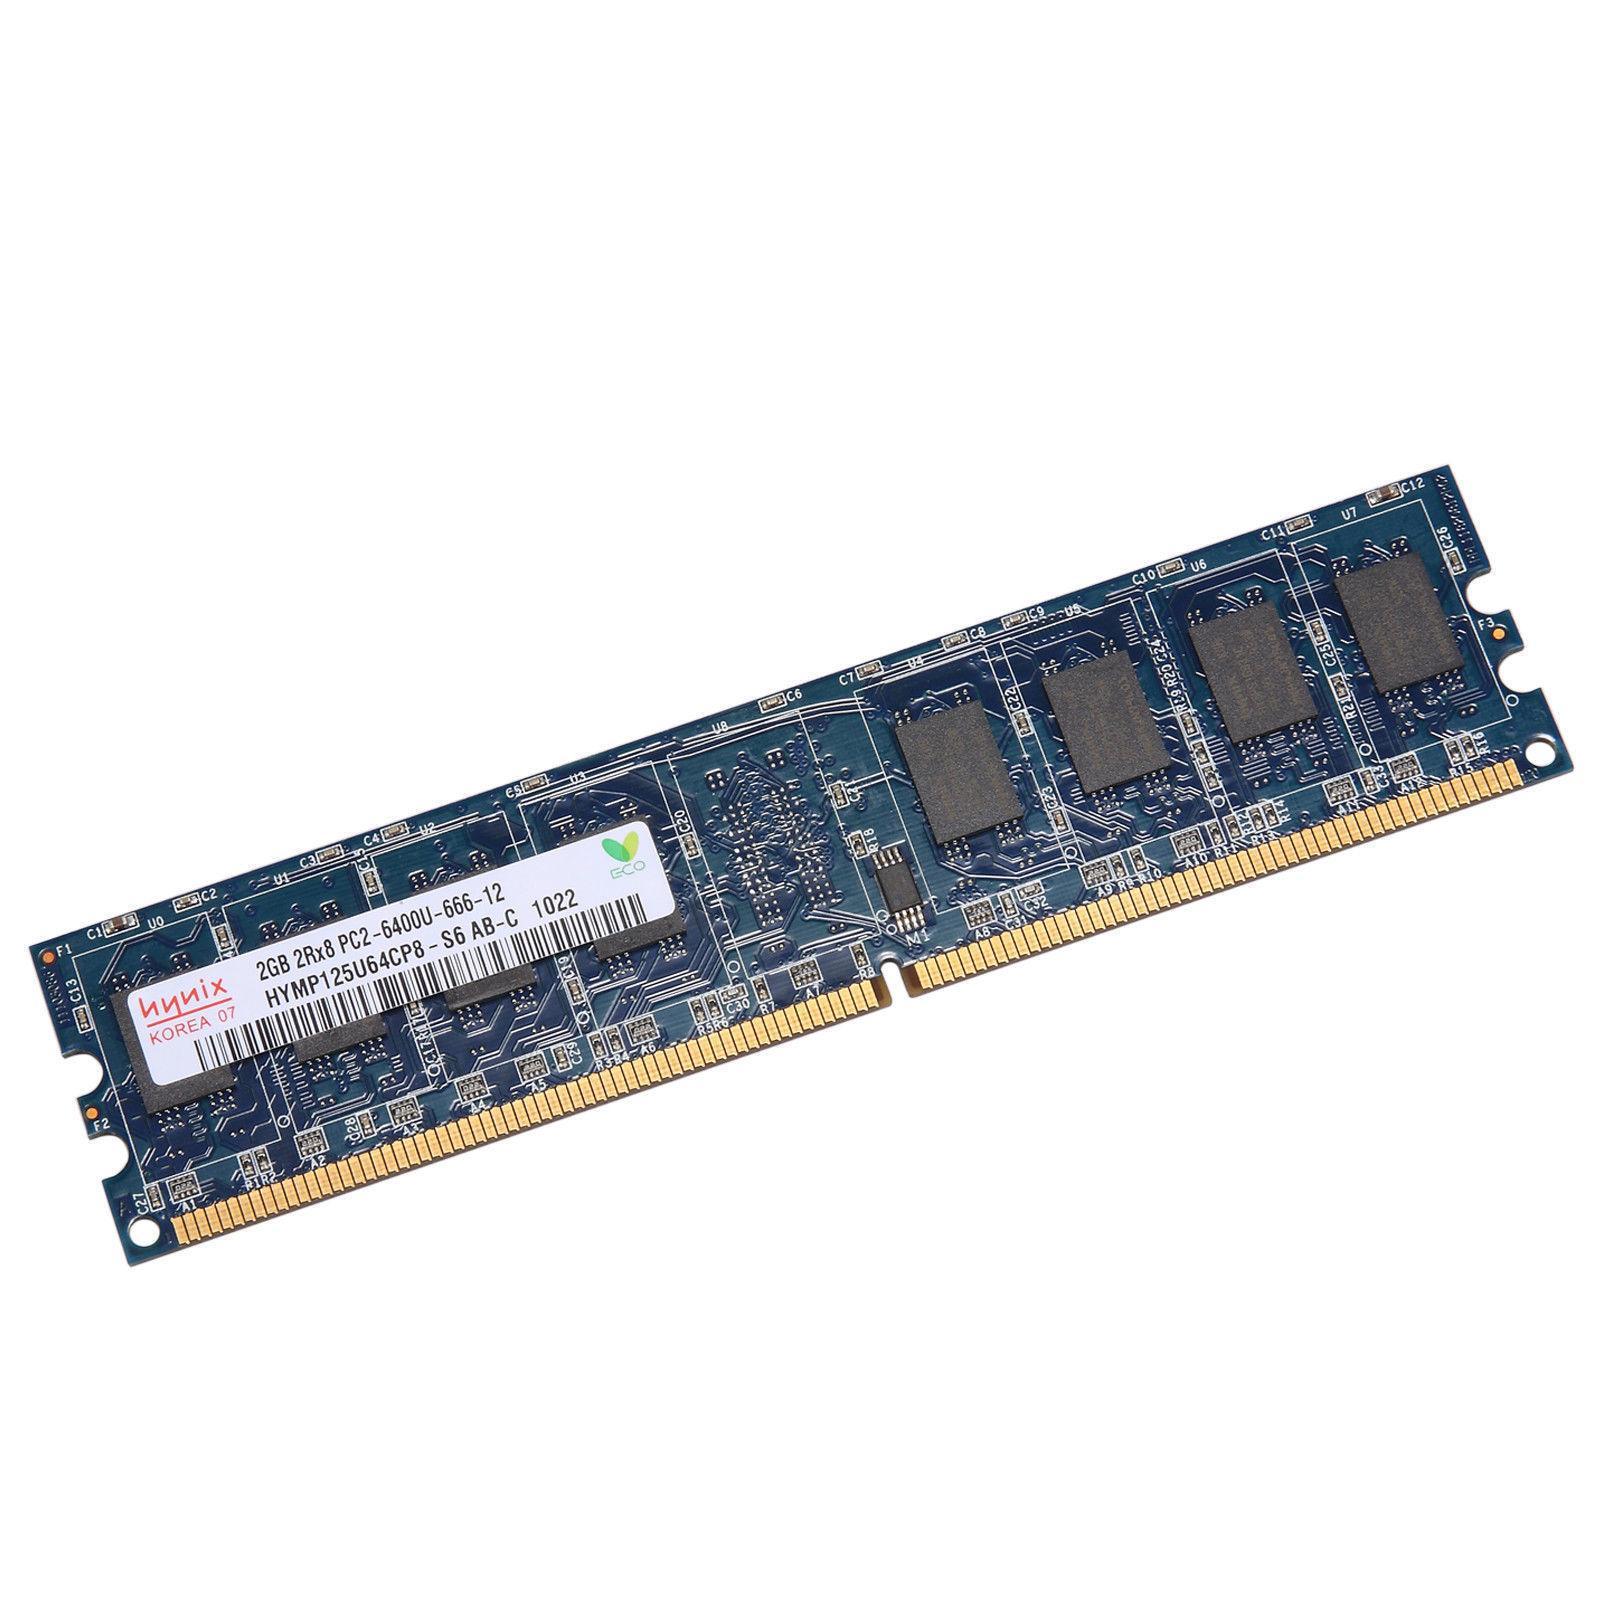 Giá Ram Máy Tính DDR2 2GB Bus 800Mhz – Hàng nhập khẩu Tại Laptop Minh Khôi Hà Nội